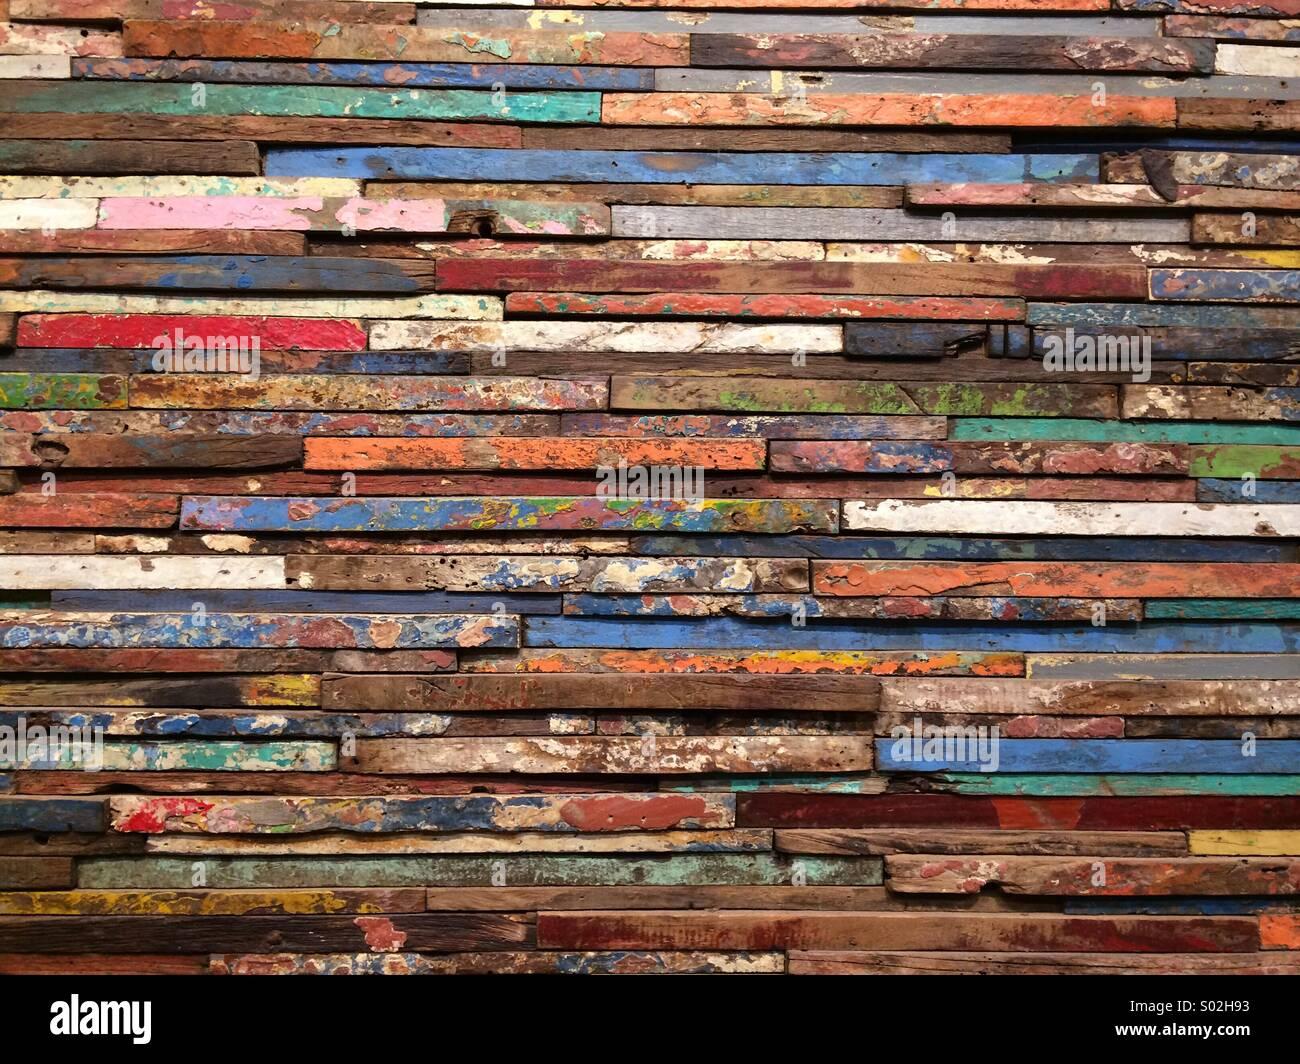 Bois adapté (horizontal) windows frames réutilisé comme art mural bois usagé à mur. Photo Stock